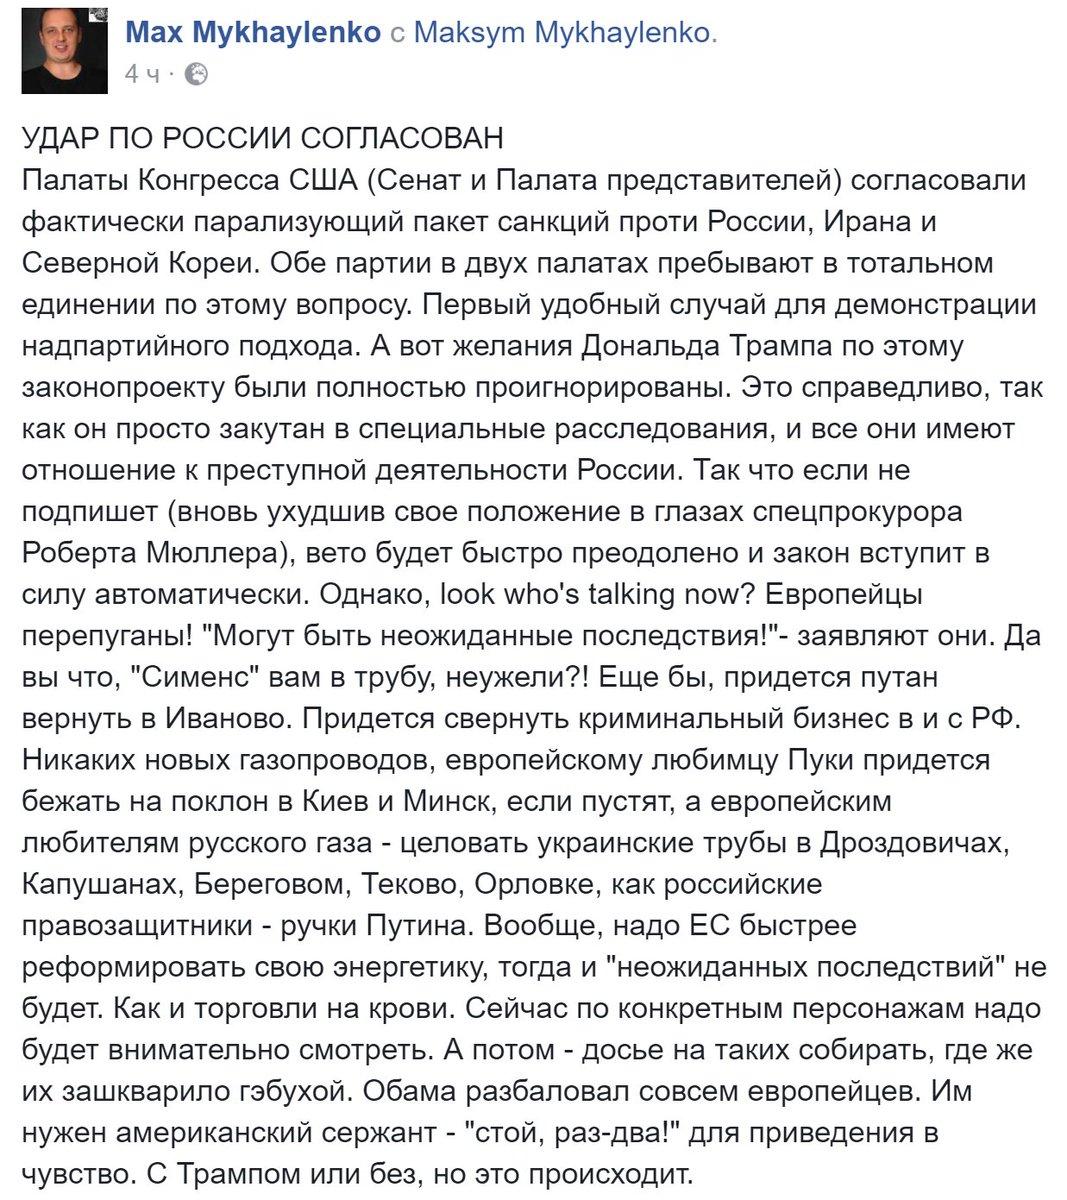 Россия является одной из угроз, с которыми мы сталкиваемся, - глава комитета начальников штабов ВС США Данфорд - Цензор.НЕТ 4922